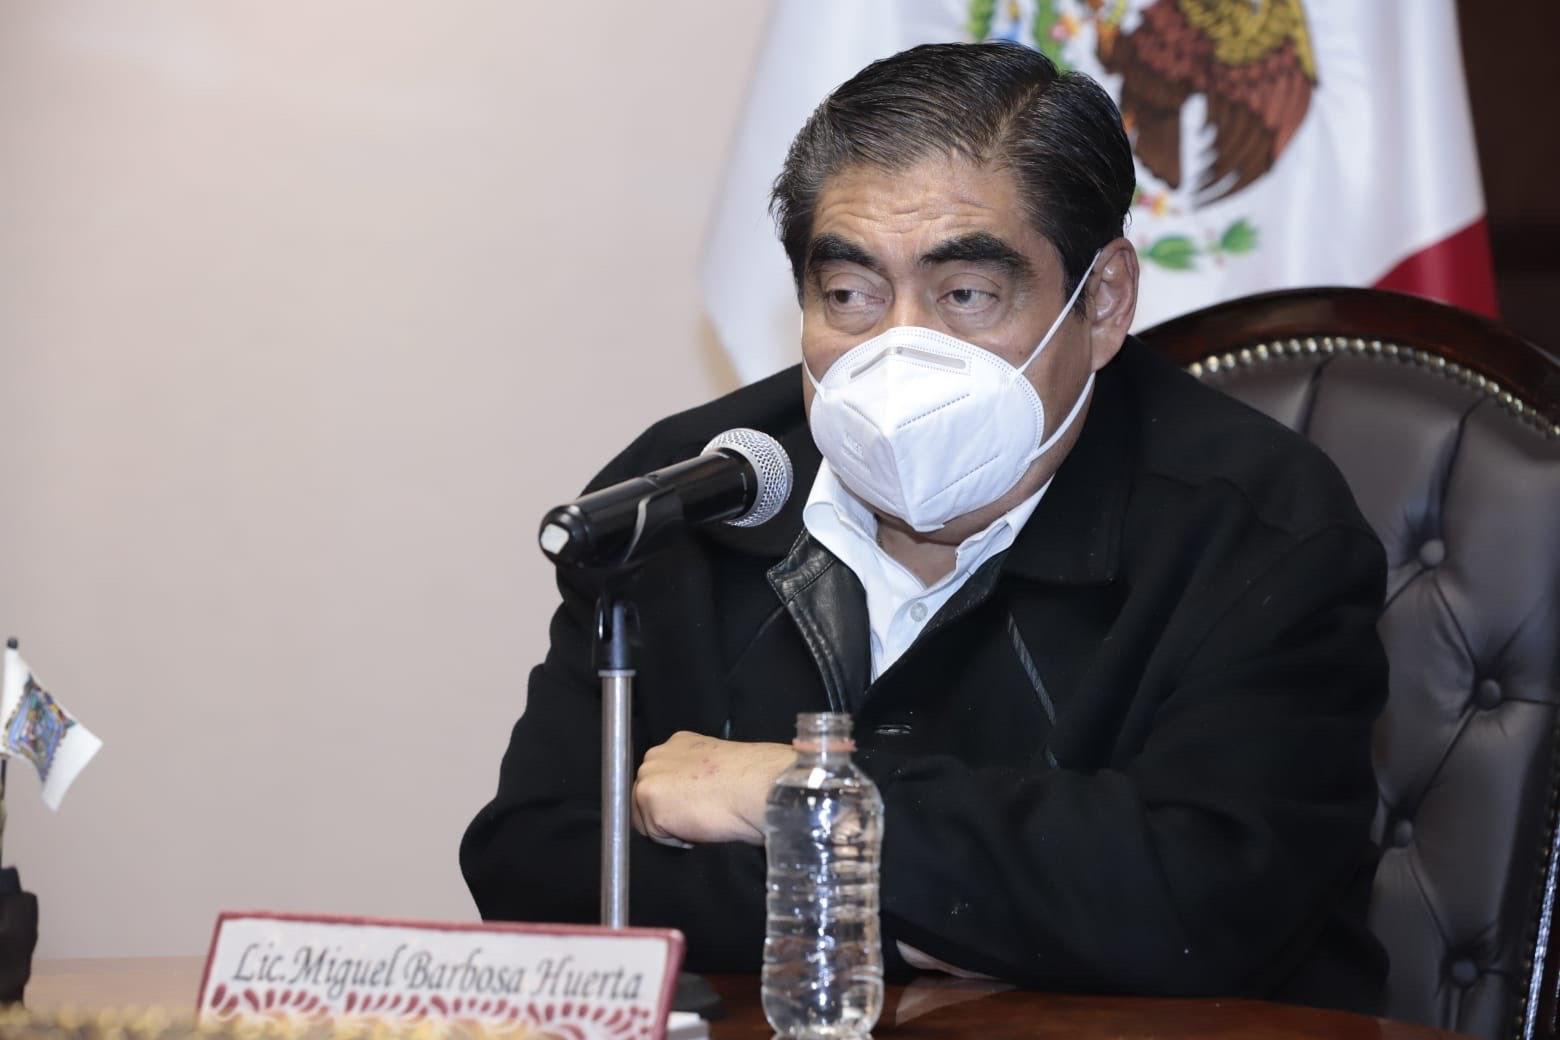 En Puebla se aplica la ley, responde Barbosa al patronato de la Fundación Mary Street Jenkins